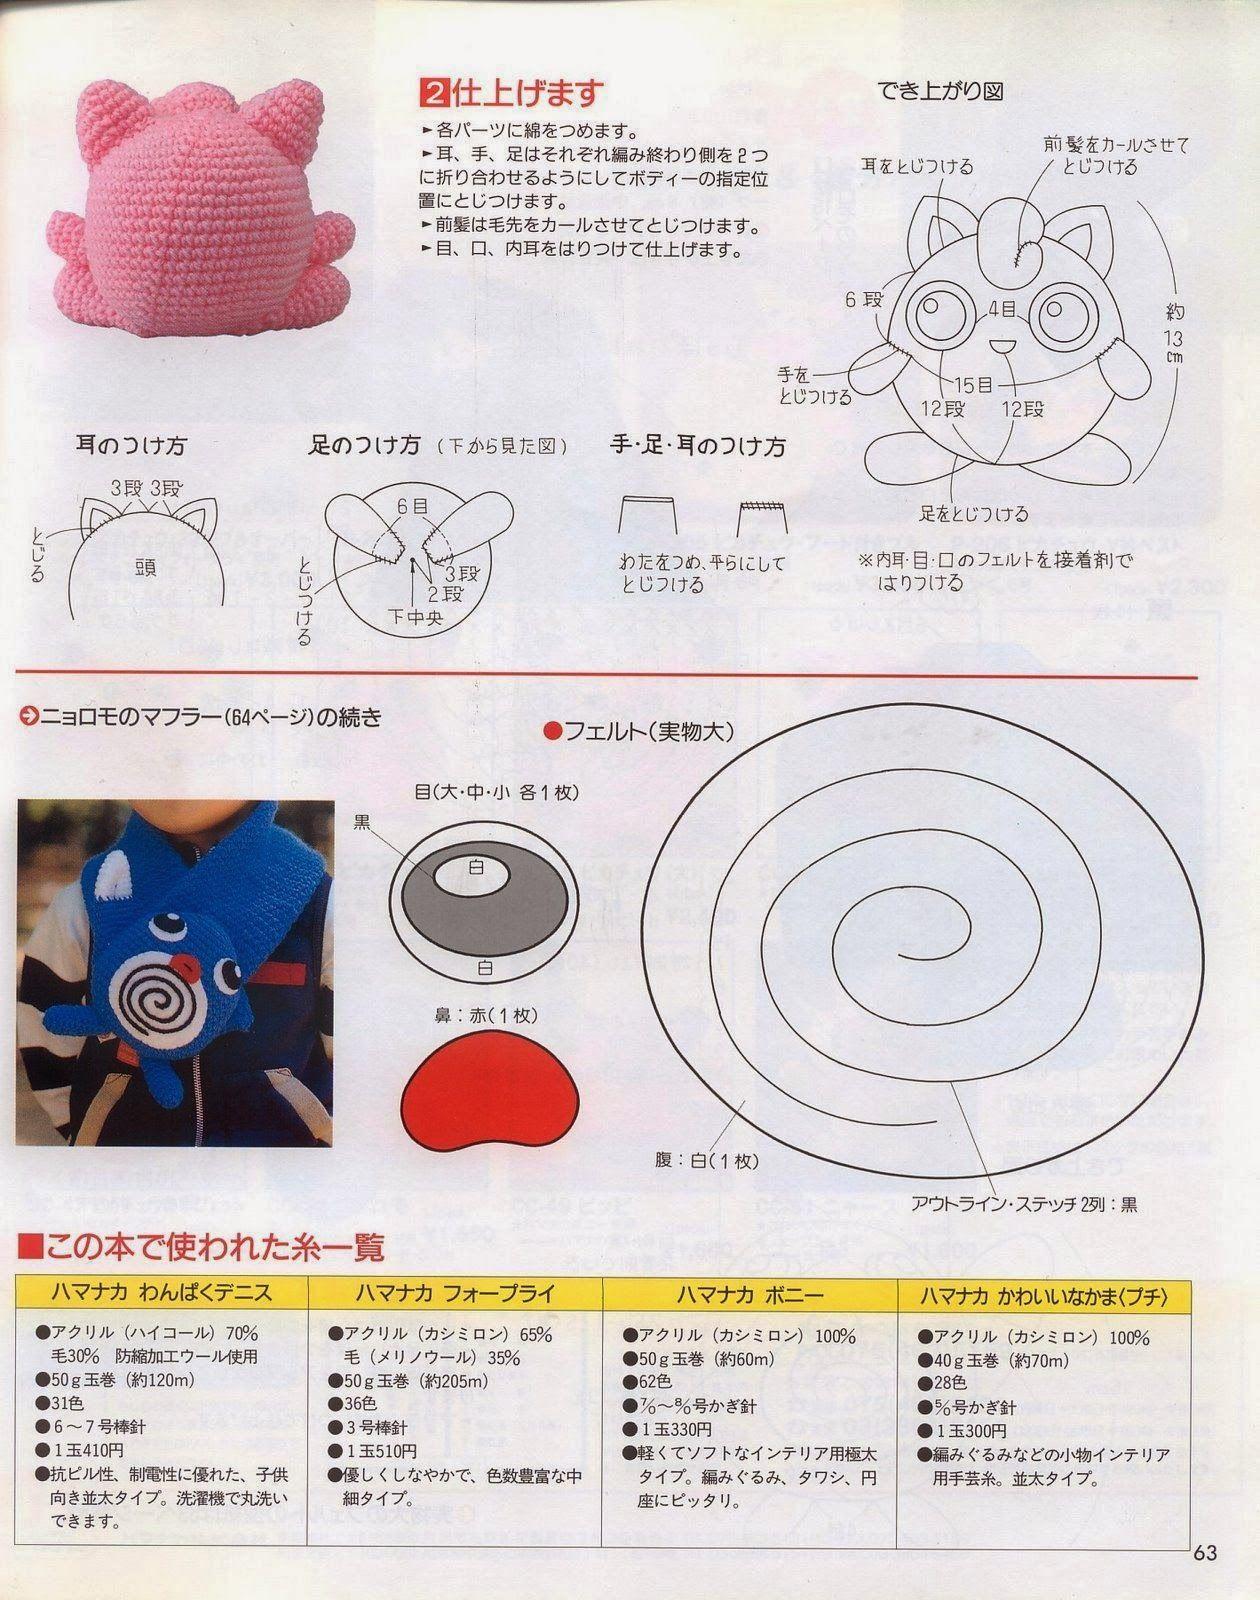 Pin de yeen putita en DIY and crafts | Pinterest | Muñecos amigurumi ...